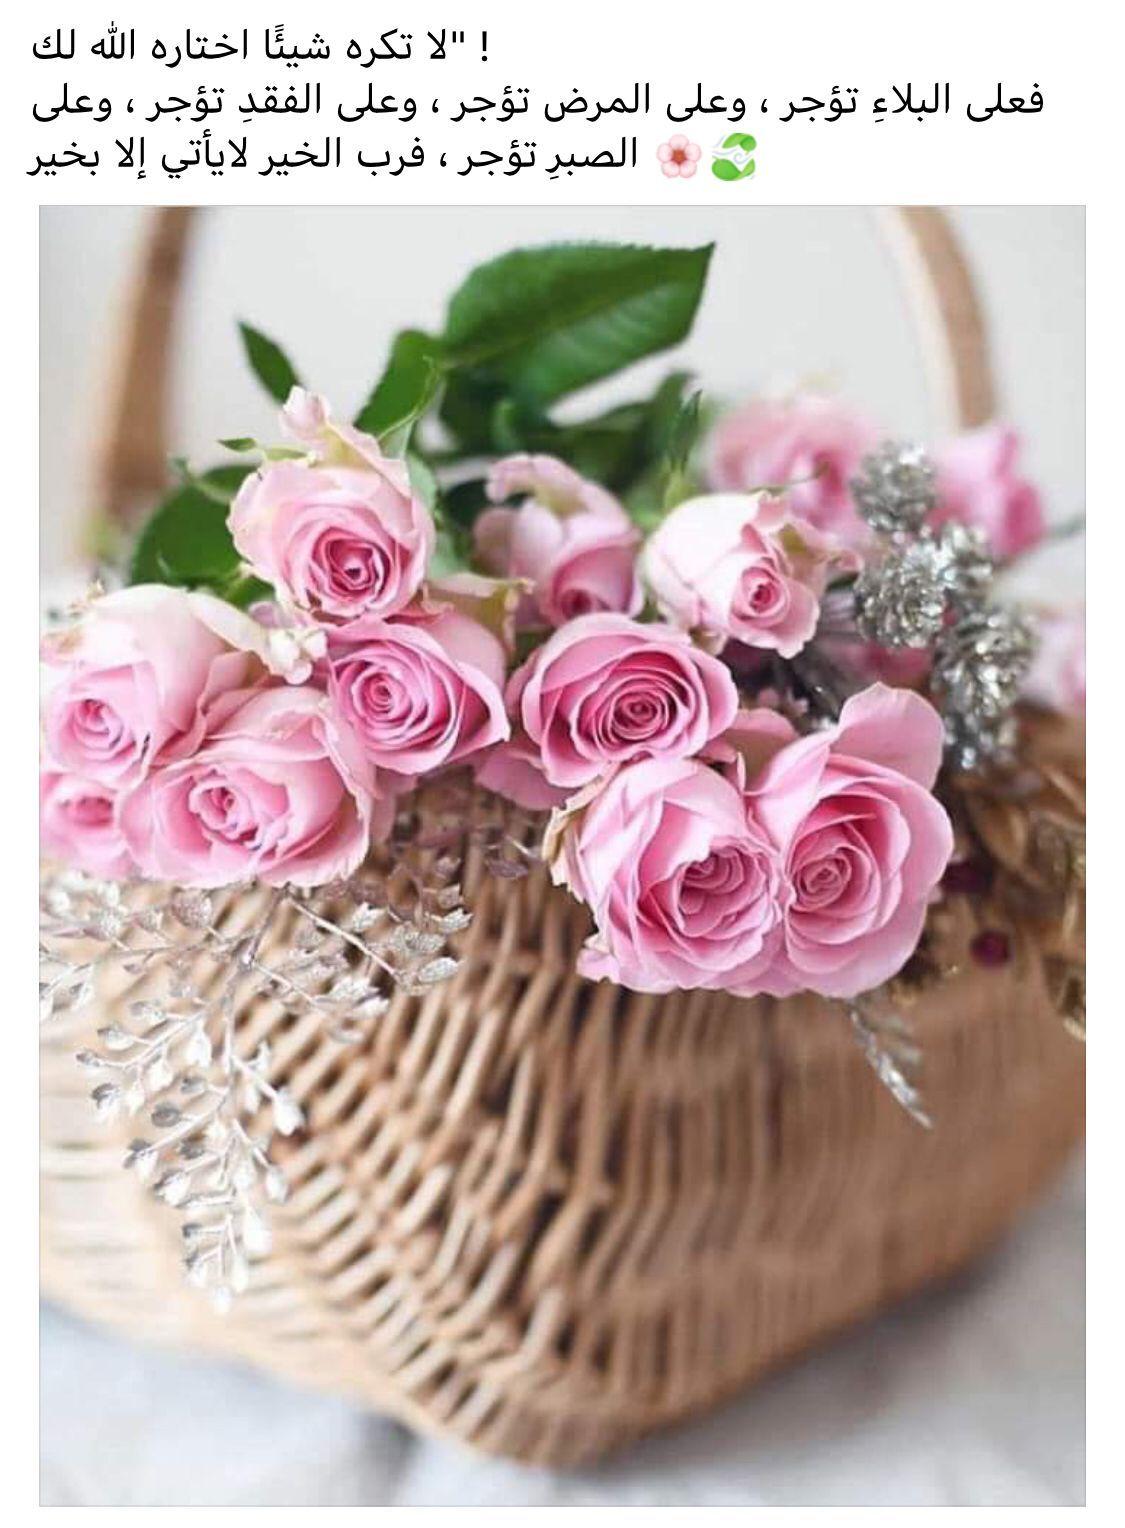 خواطر اسلامية تويتر Beautiful Flowers Wallpapers Flowers Bouquet Gift Beautiful Rose Flowers